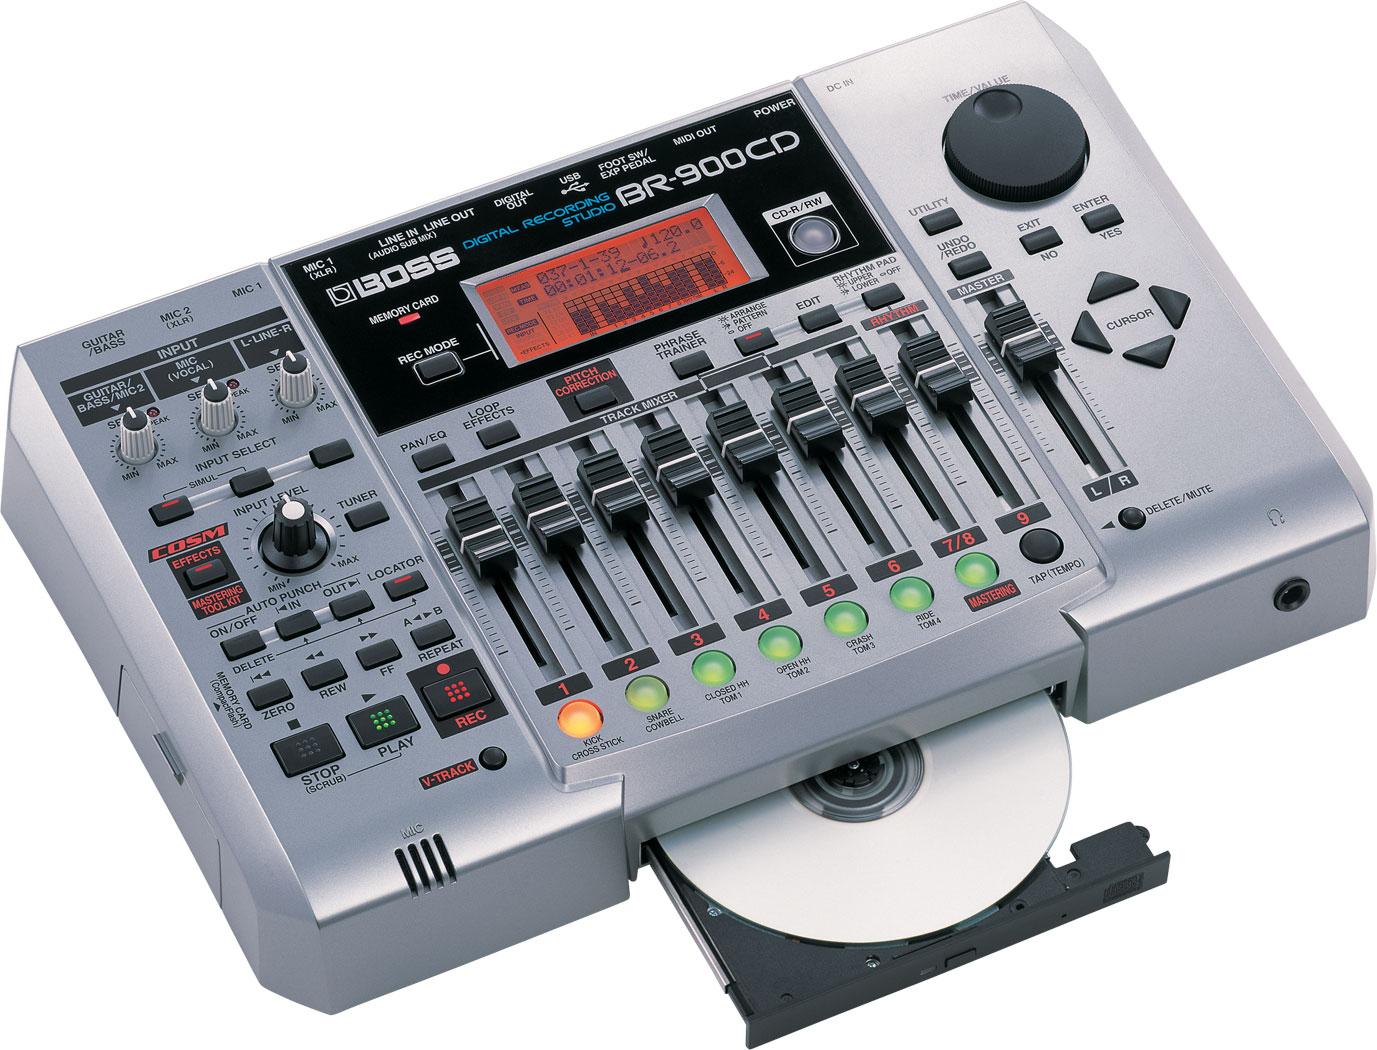 BOSS - BR-900CD   Digital Recorder